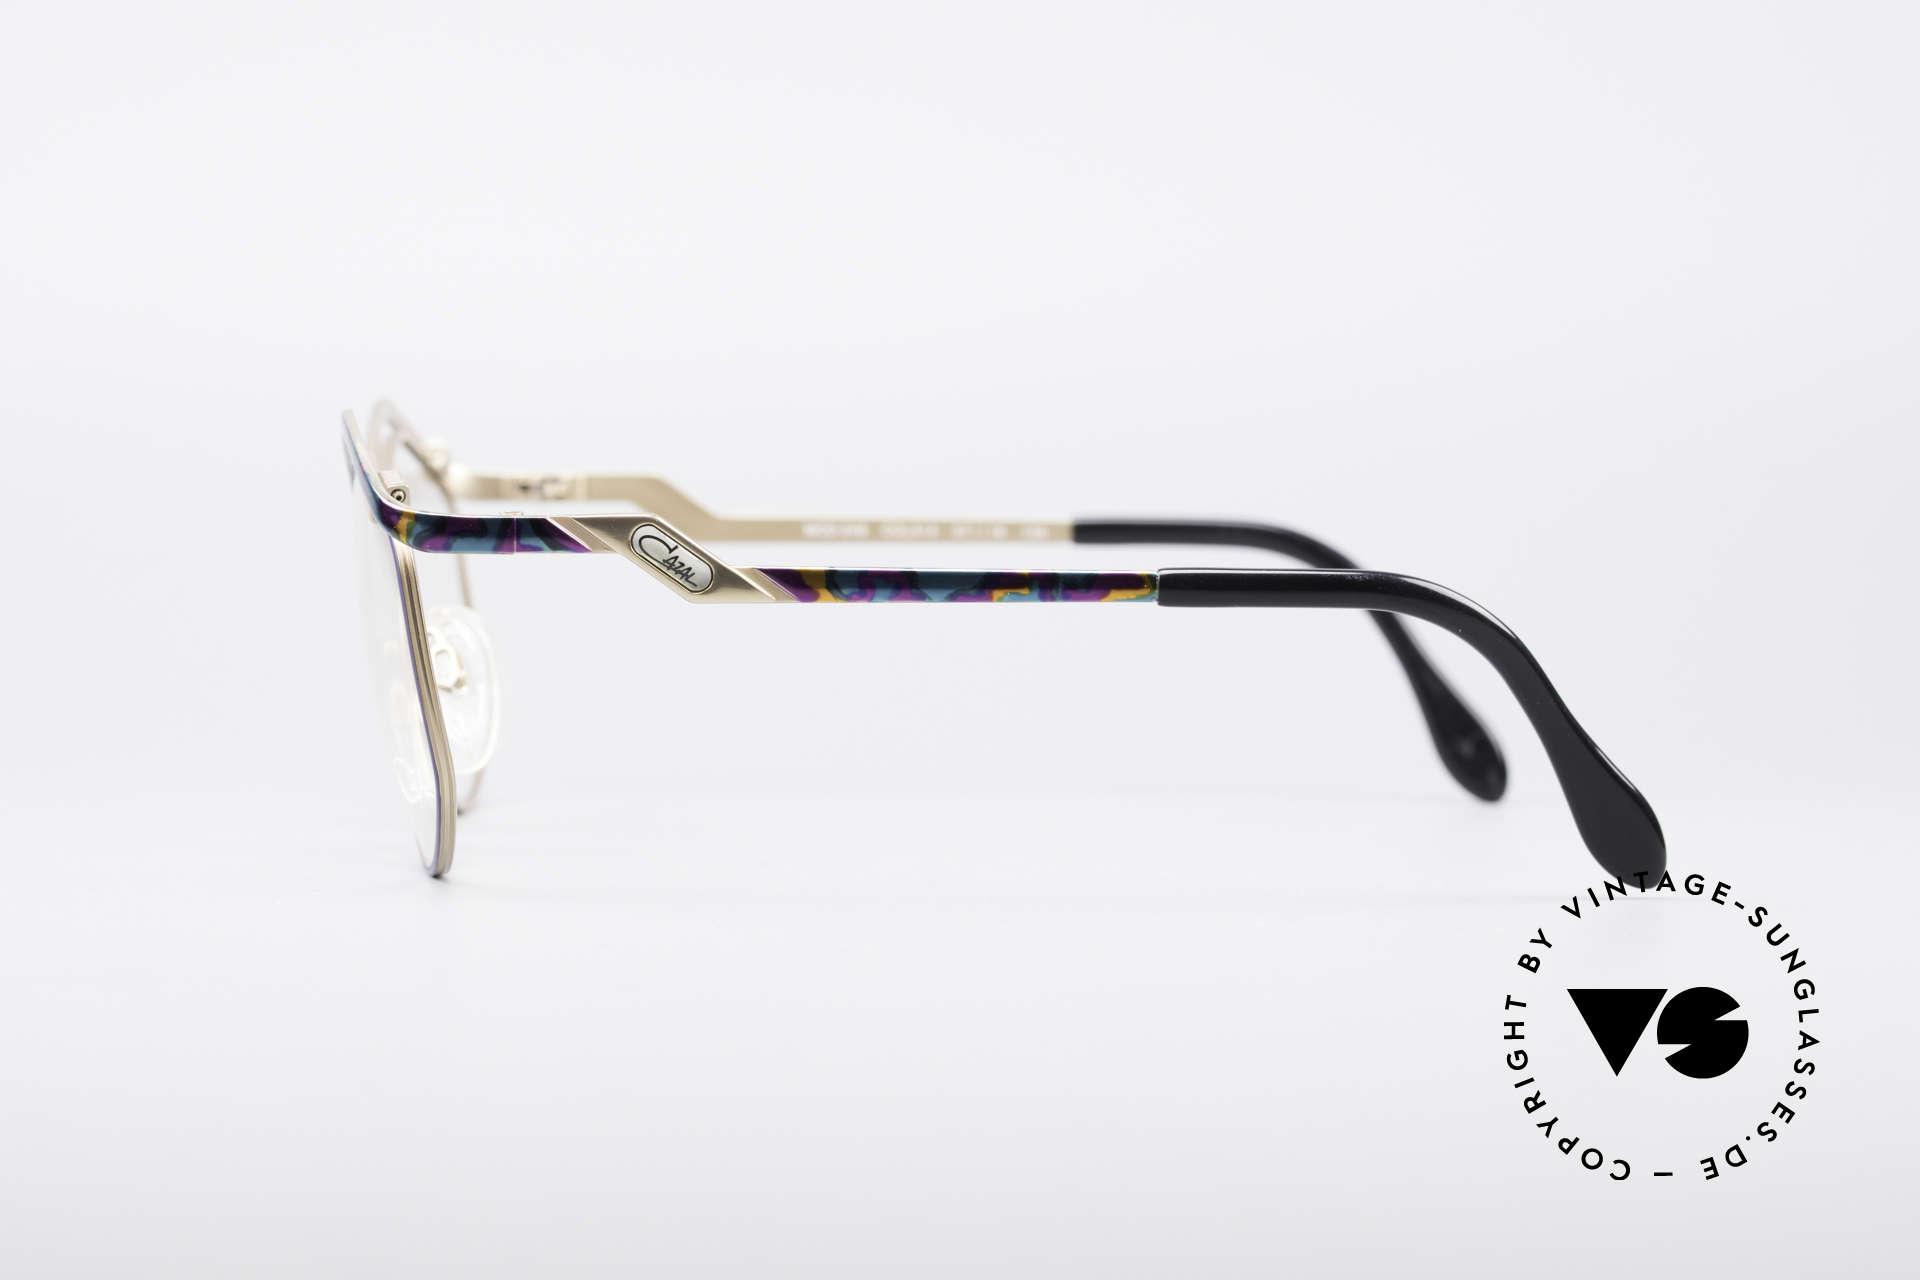 Cazal 249 Pop Art 90's Titanium, NO retro glasses, but an original old designer piece!, Made for Women